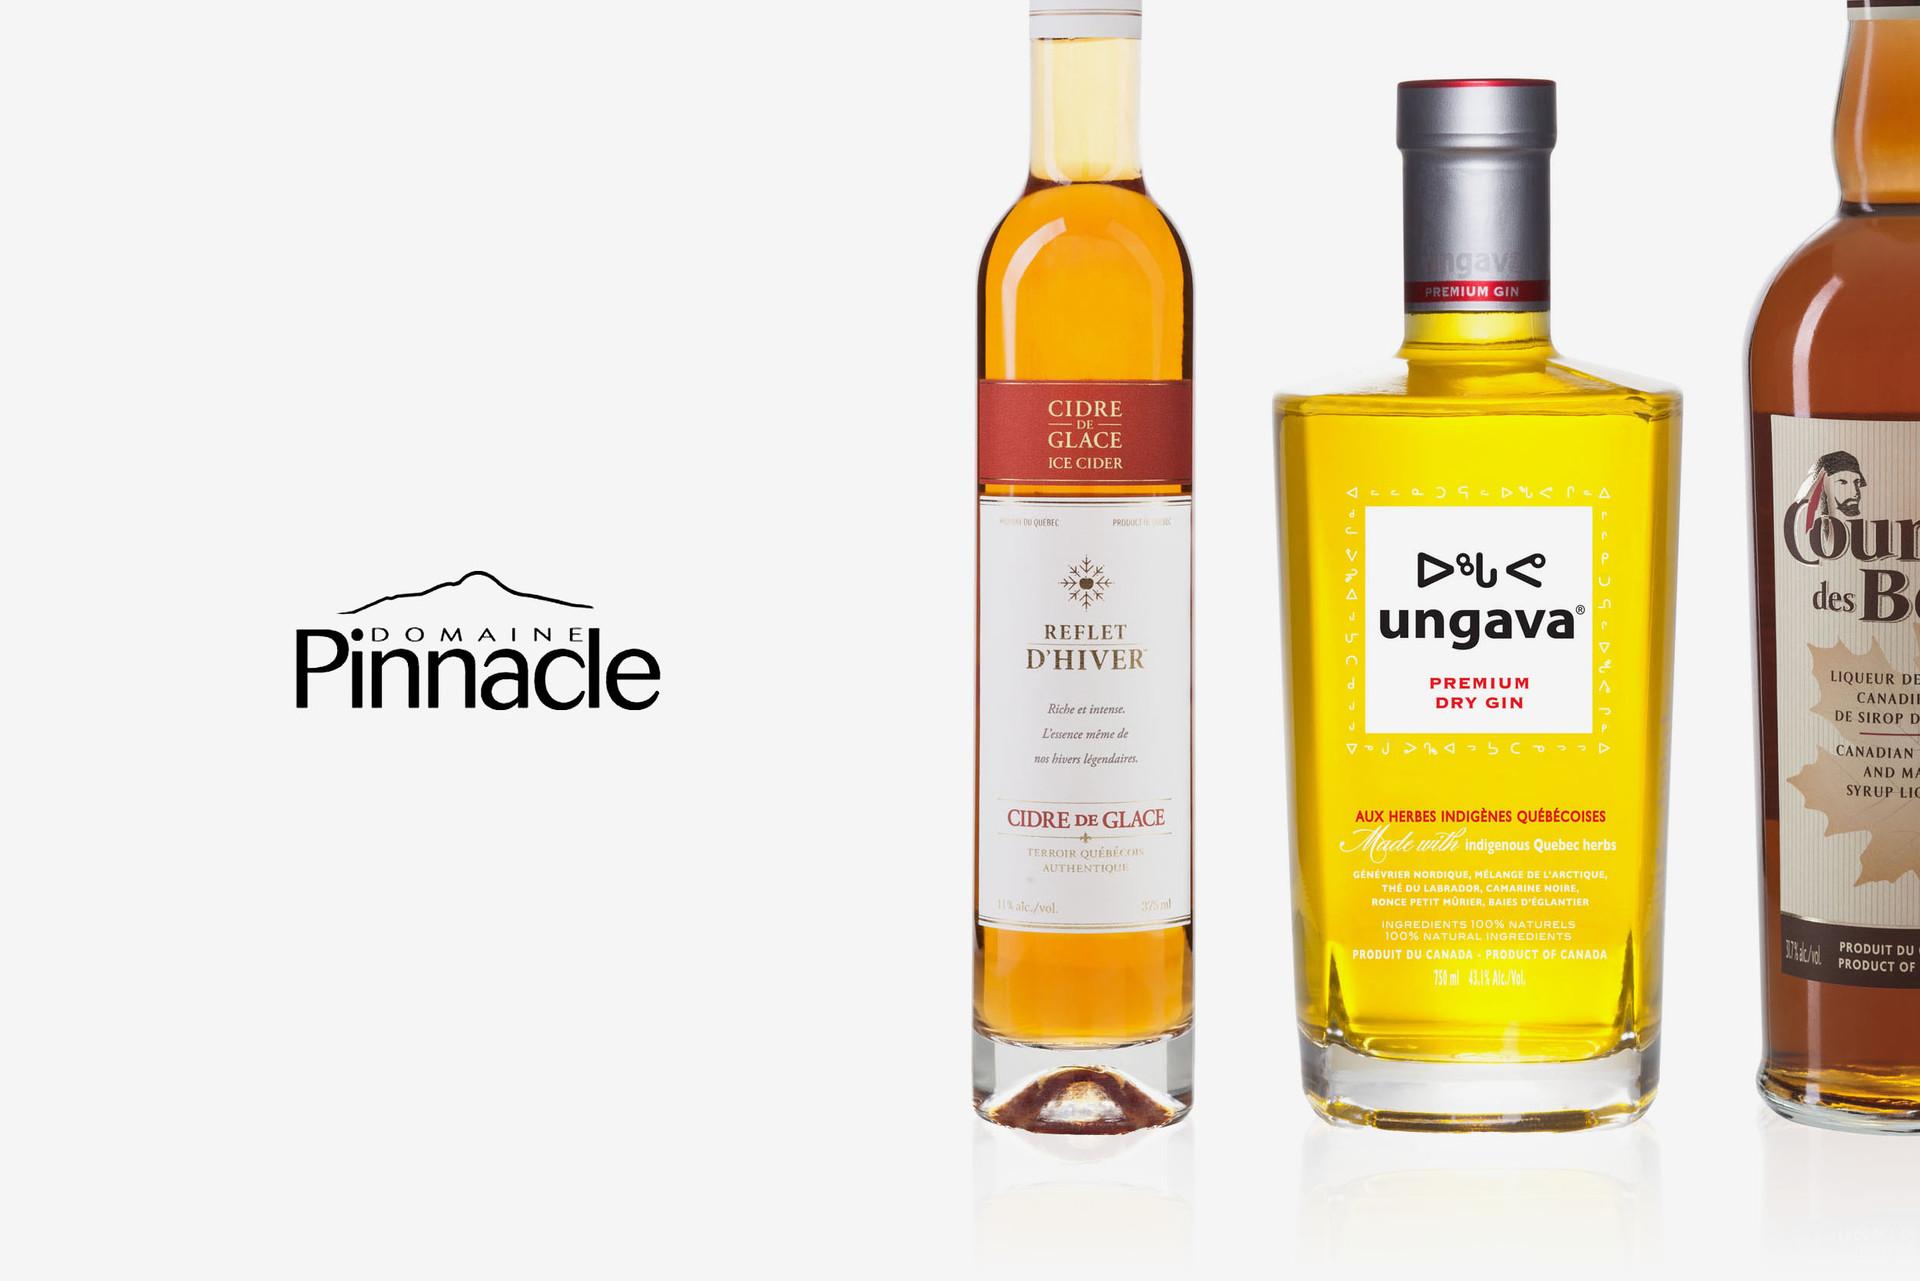 Domaine-Pinnacle-Photo-de-produits.jpg